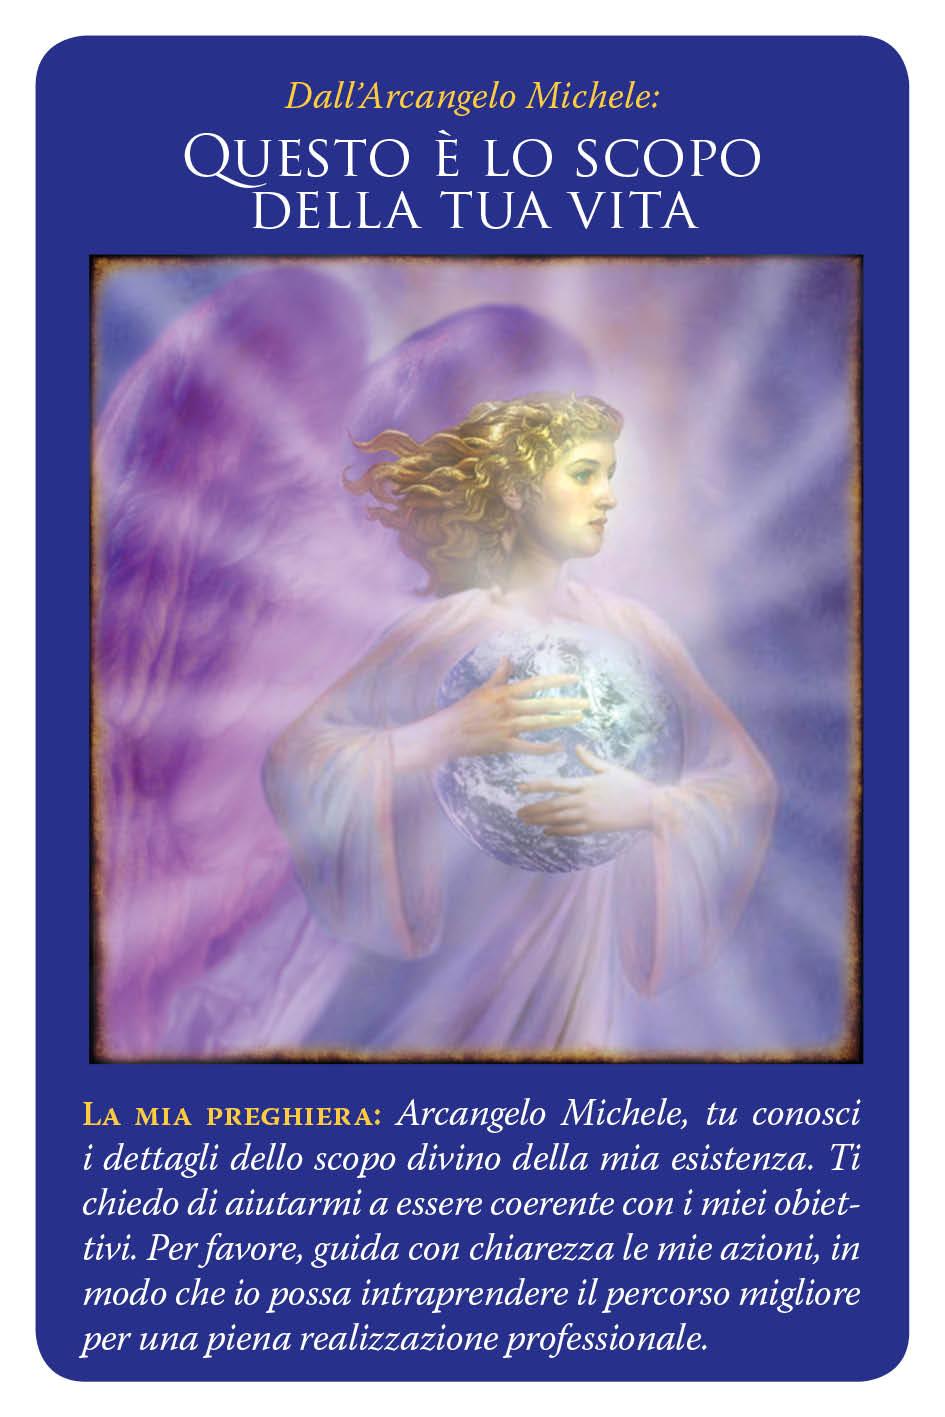 carte arcangelo michele - questo è lo scopo della tua vita